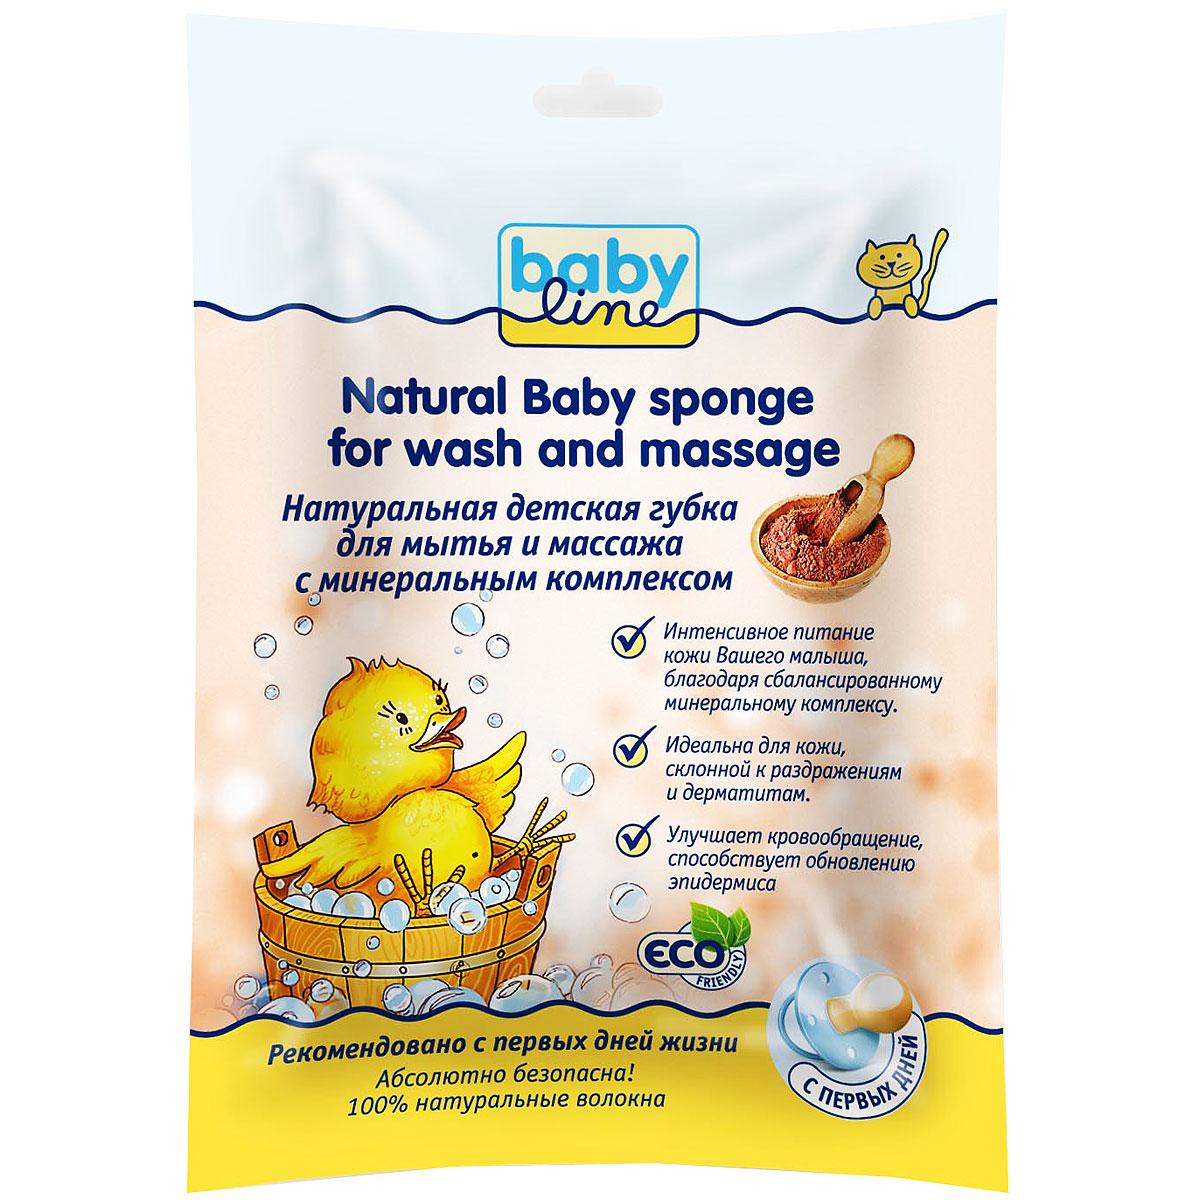 BabyLine Натуральная детская губка для мытья и массажа, с минеральным комплексомDB052